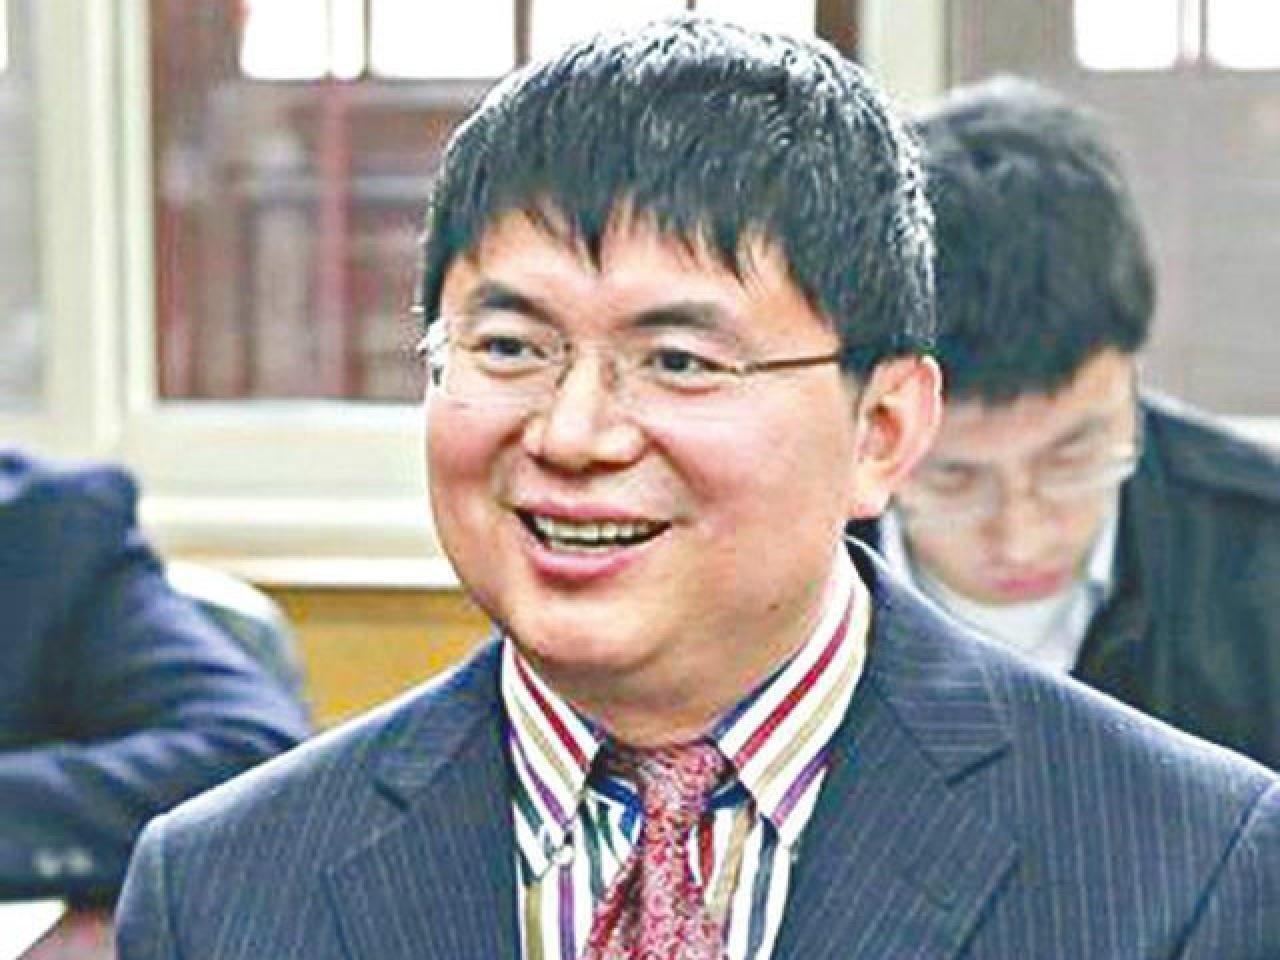 中國億萬富豪肖建華的失蹤讓中國金融領域的大亨們不寒而慄。自從2015年以來,中國已經有多名金融大鱷失踪。(網絡圖片)